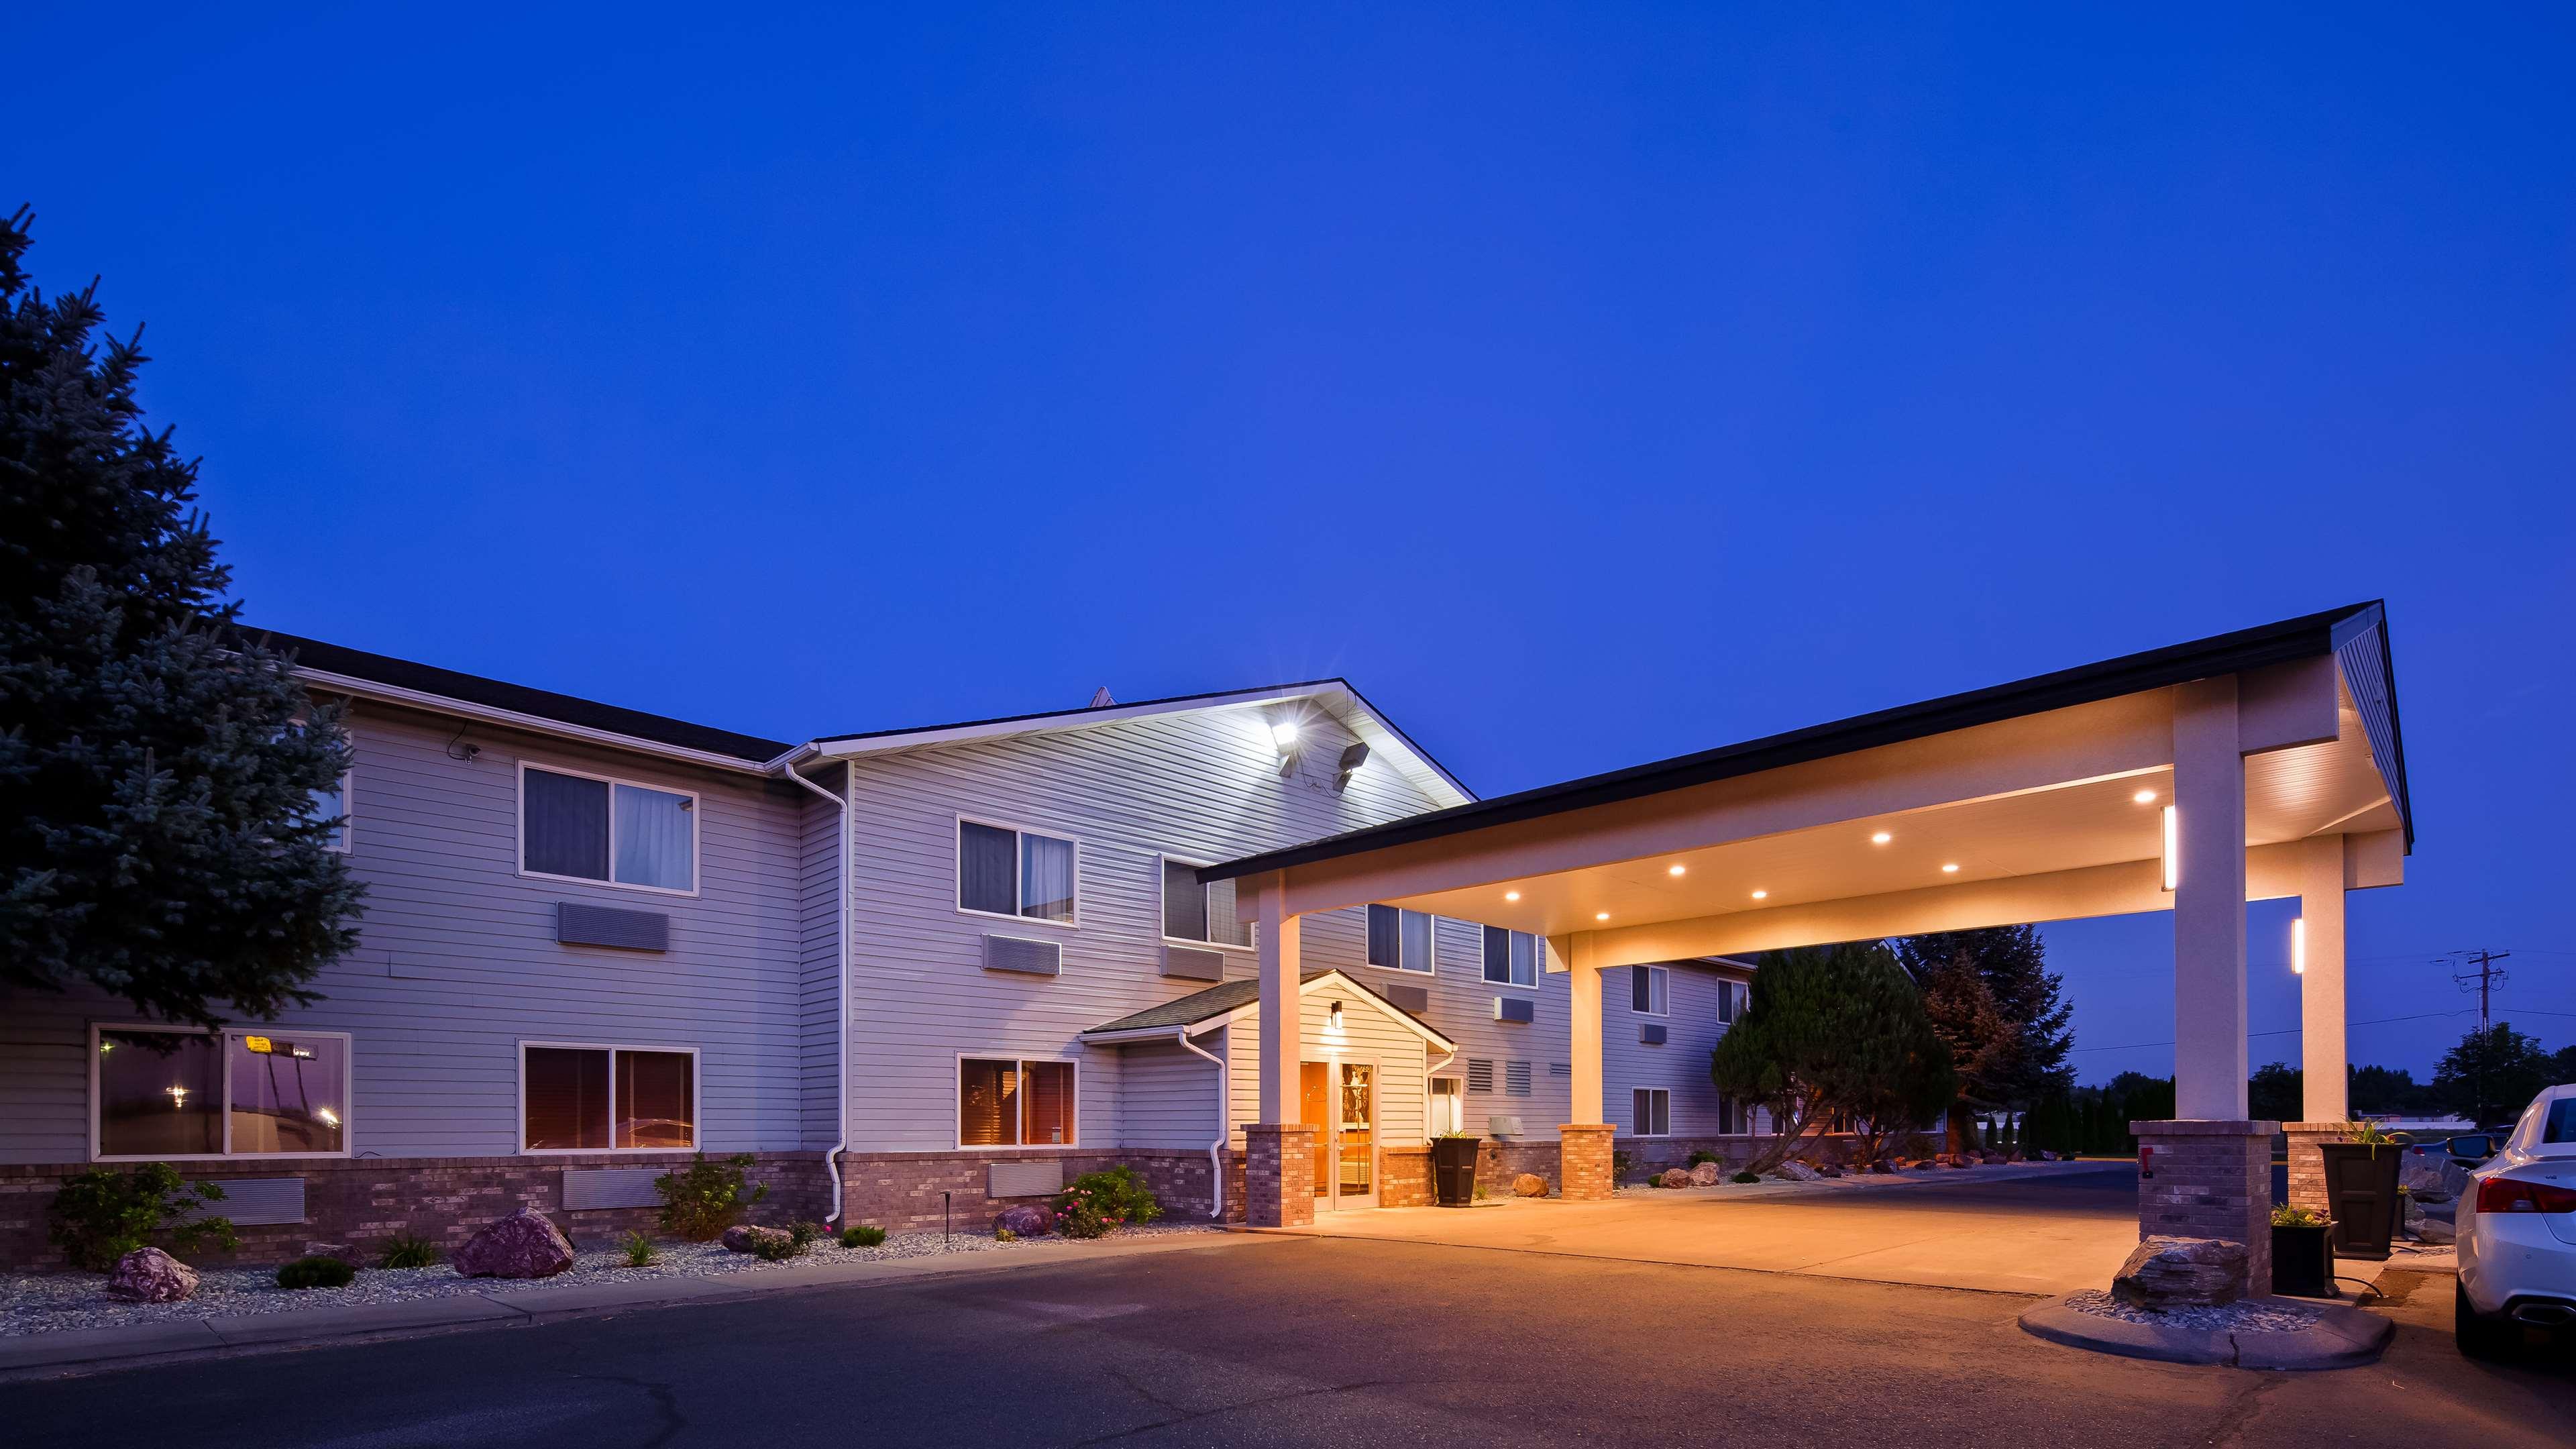 Best Western Blackfoot Inn image 1